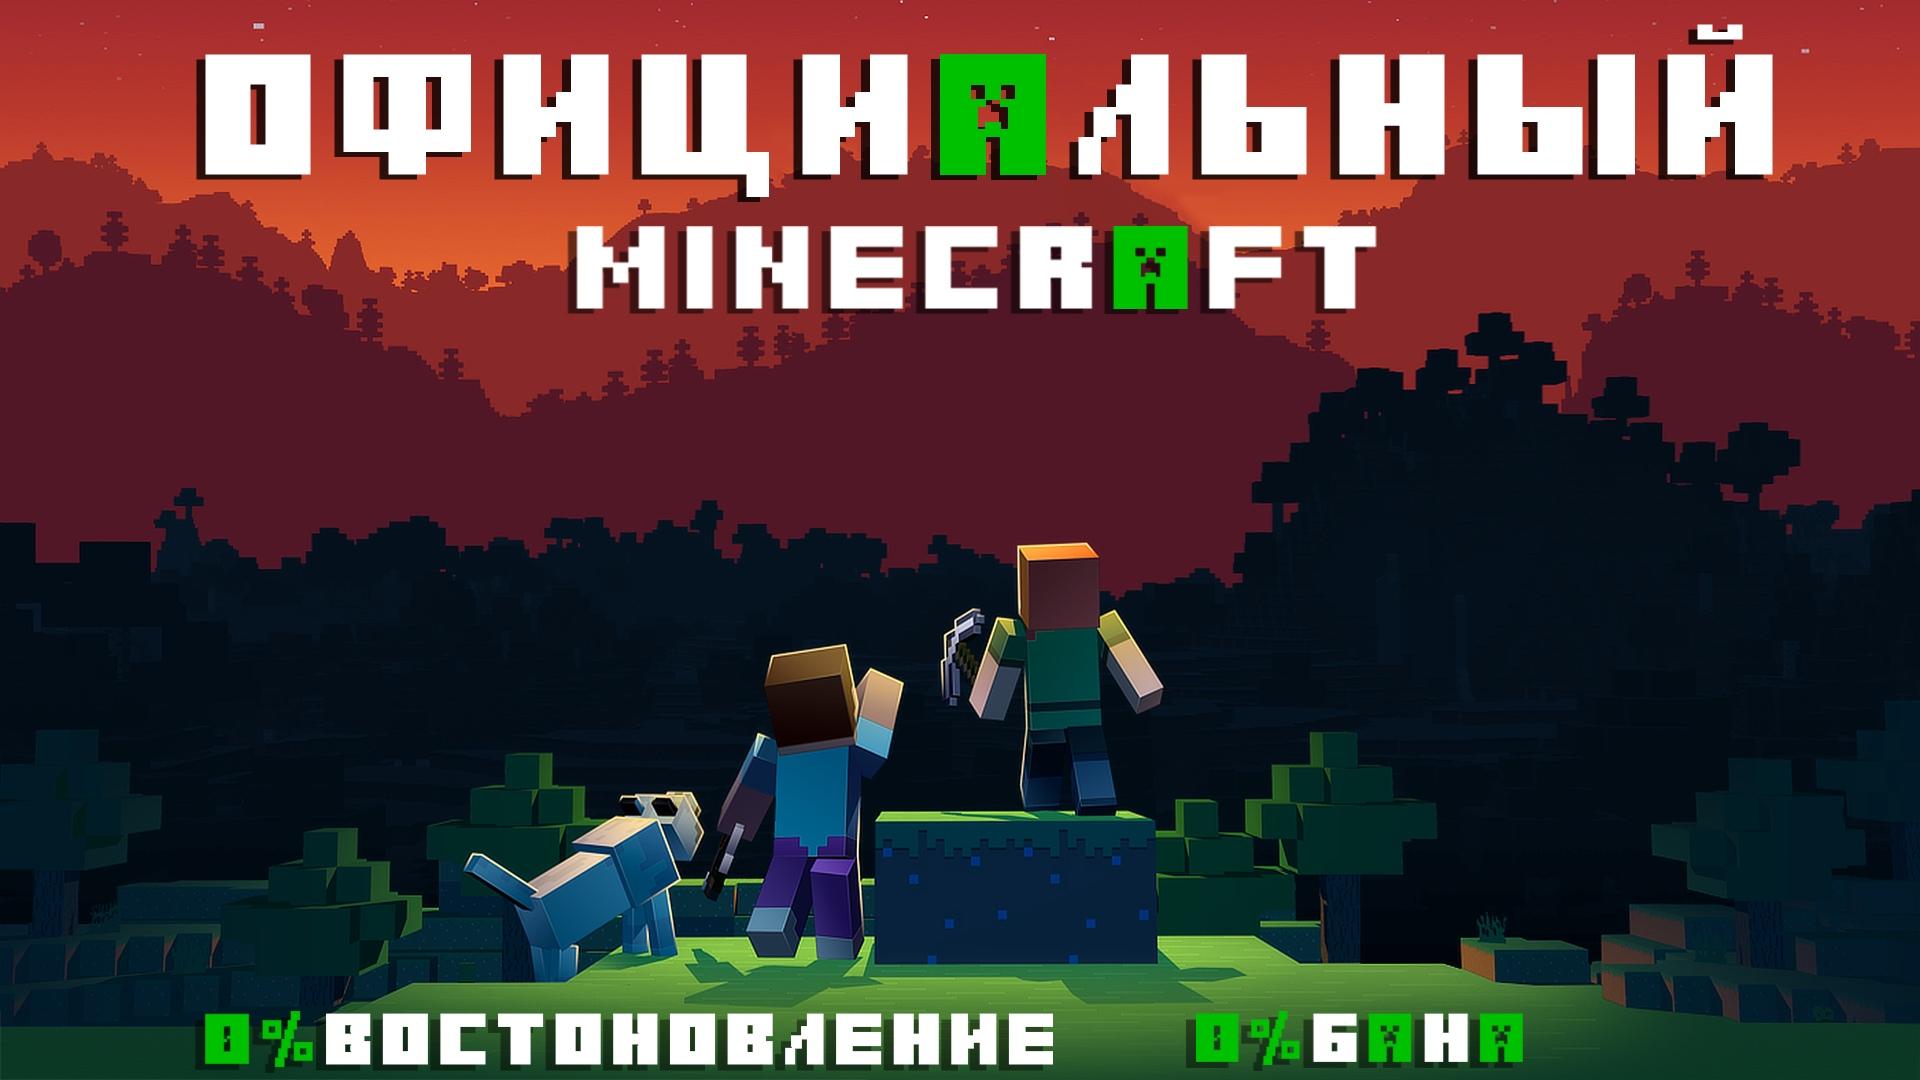 Фотография официальный аккаунт minecraft [смена данных⭐]все оплаты